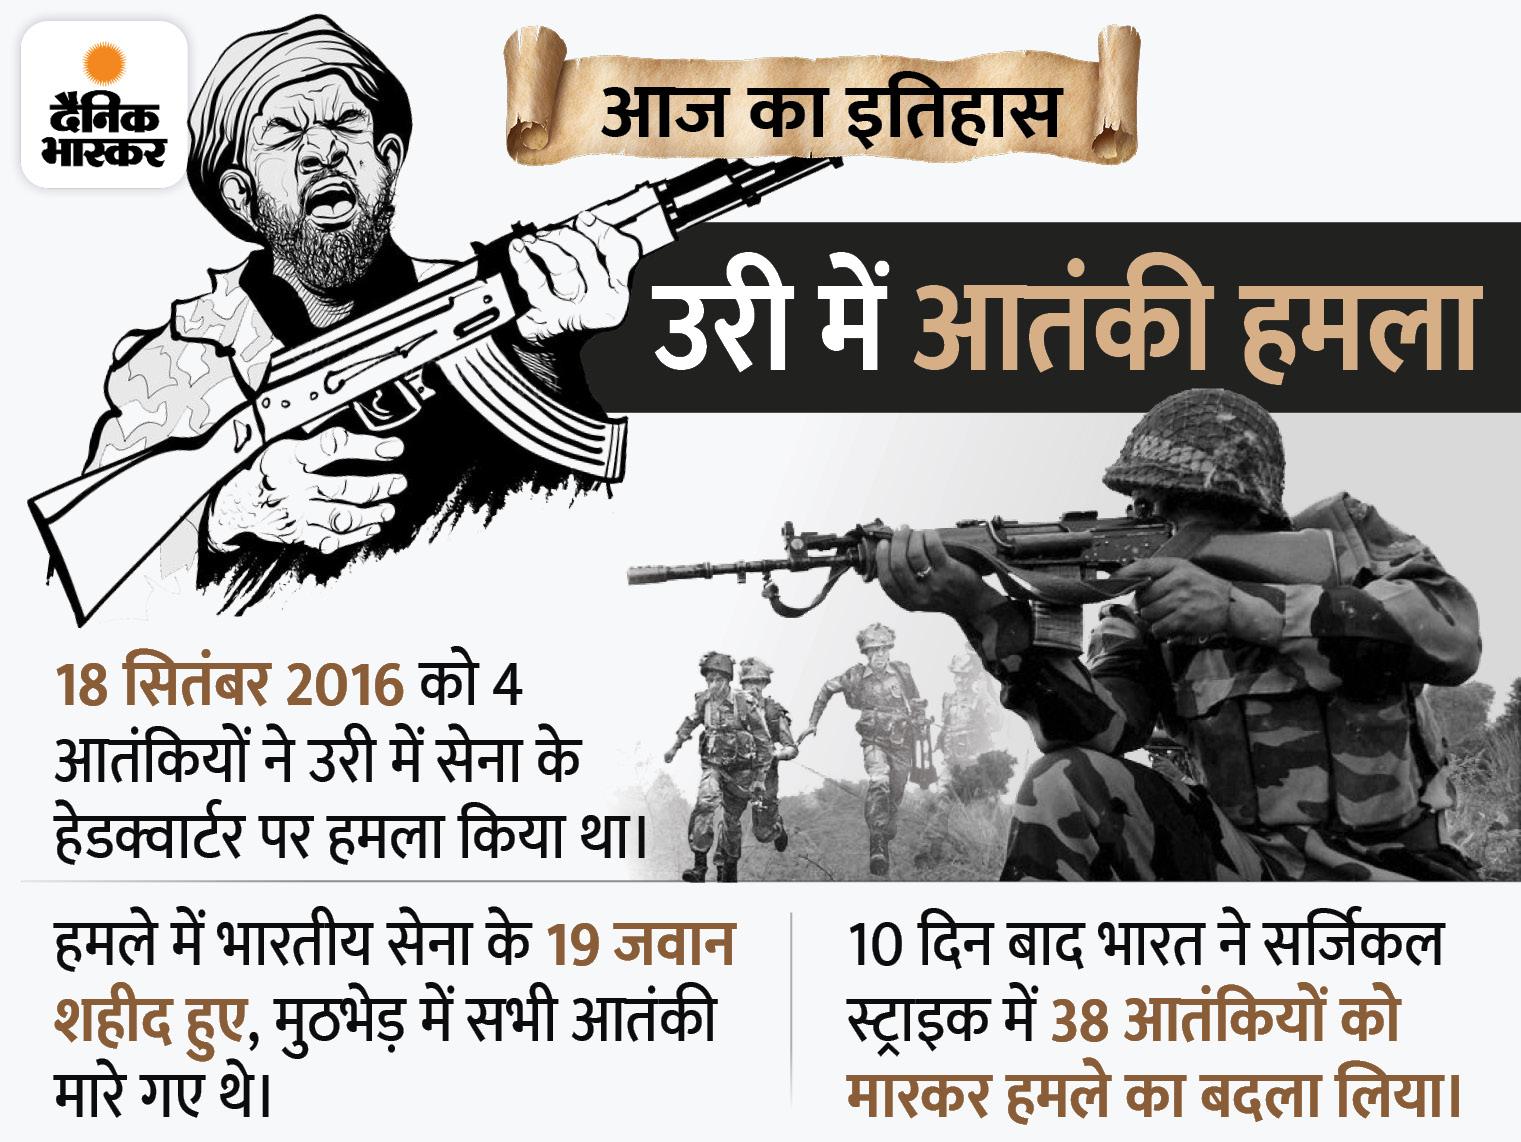 4 आतंकियों ने उरी में सेना के हेडक्वार्टर पर किया था हमला, 10 दिन बाद भारत ने सर्जिकल स्ट्राइक कर लिया बदला|देश,National - Dainik Bhaskar